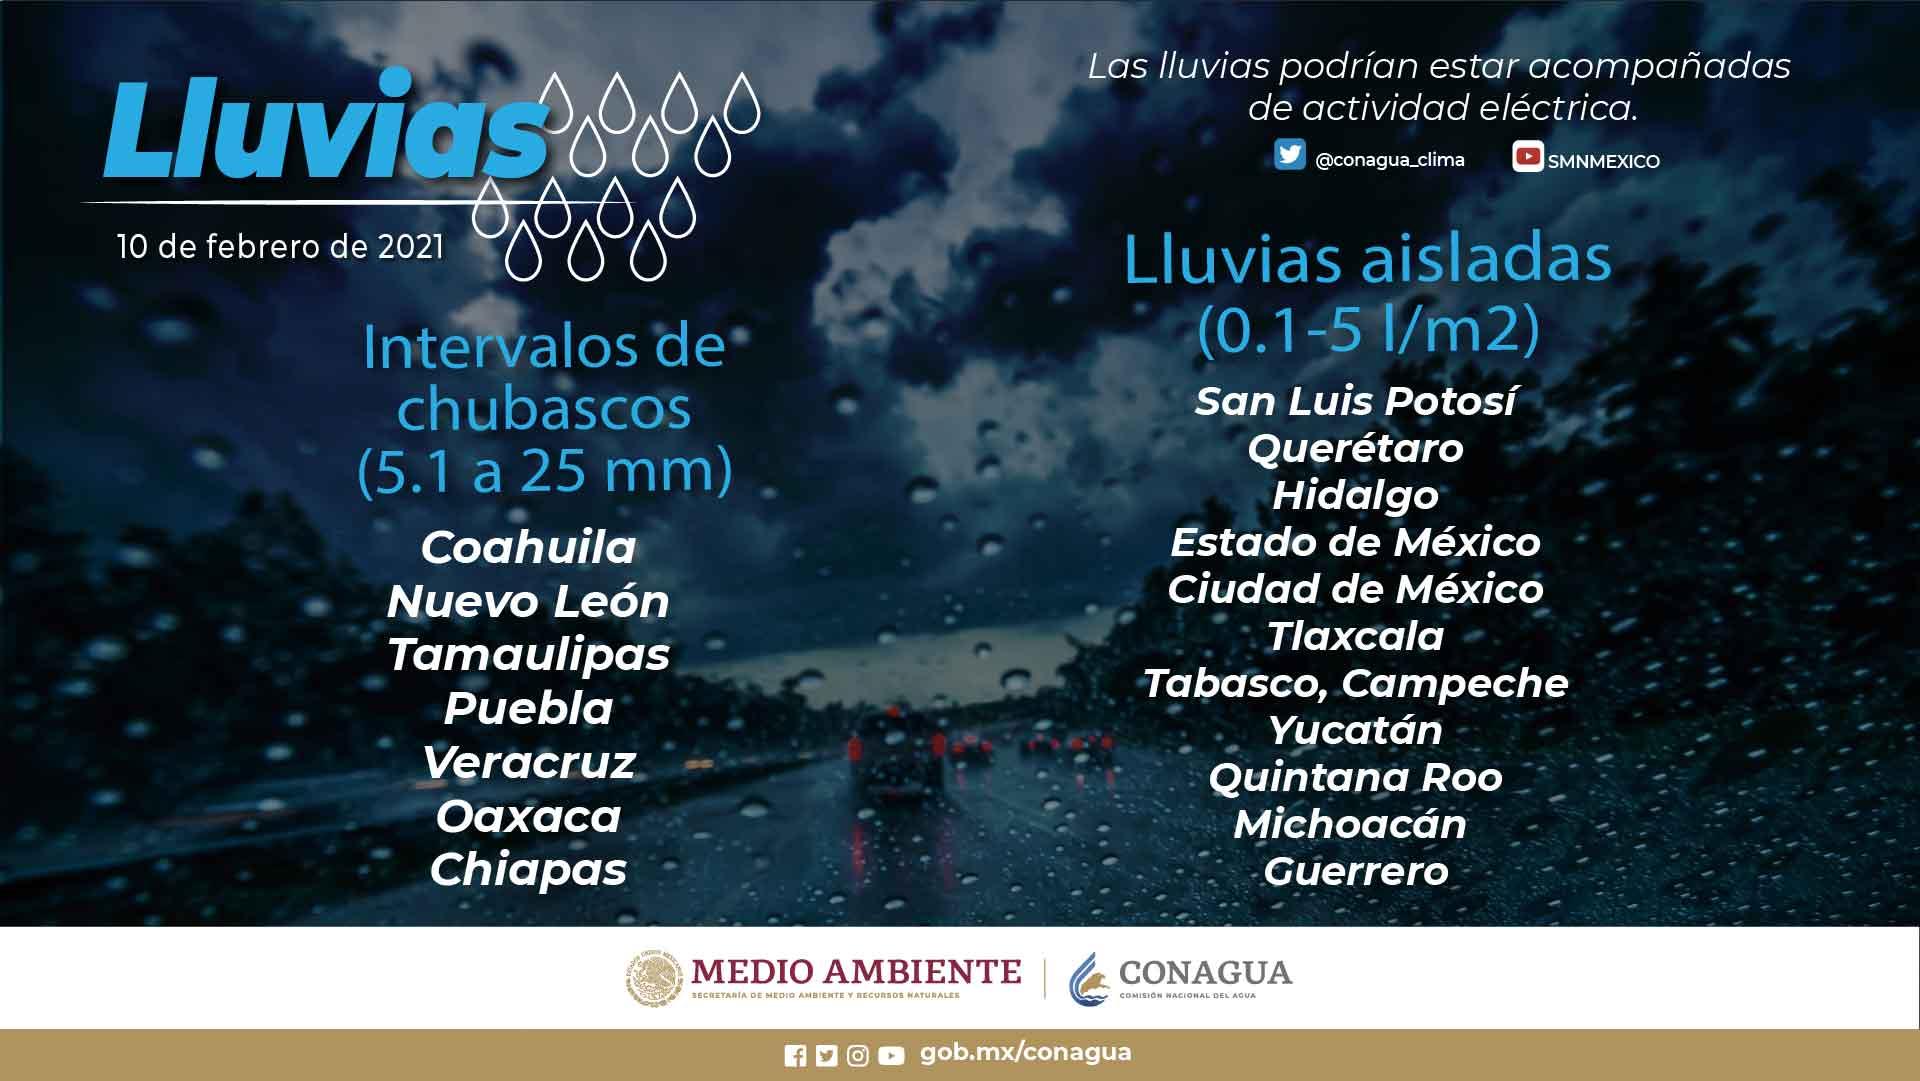 Se pronostican lluvias con chubascos en Tlaxcala